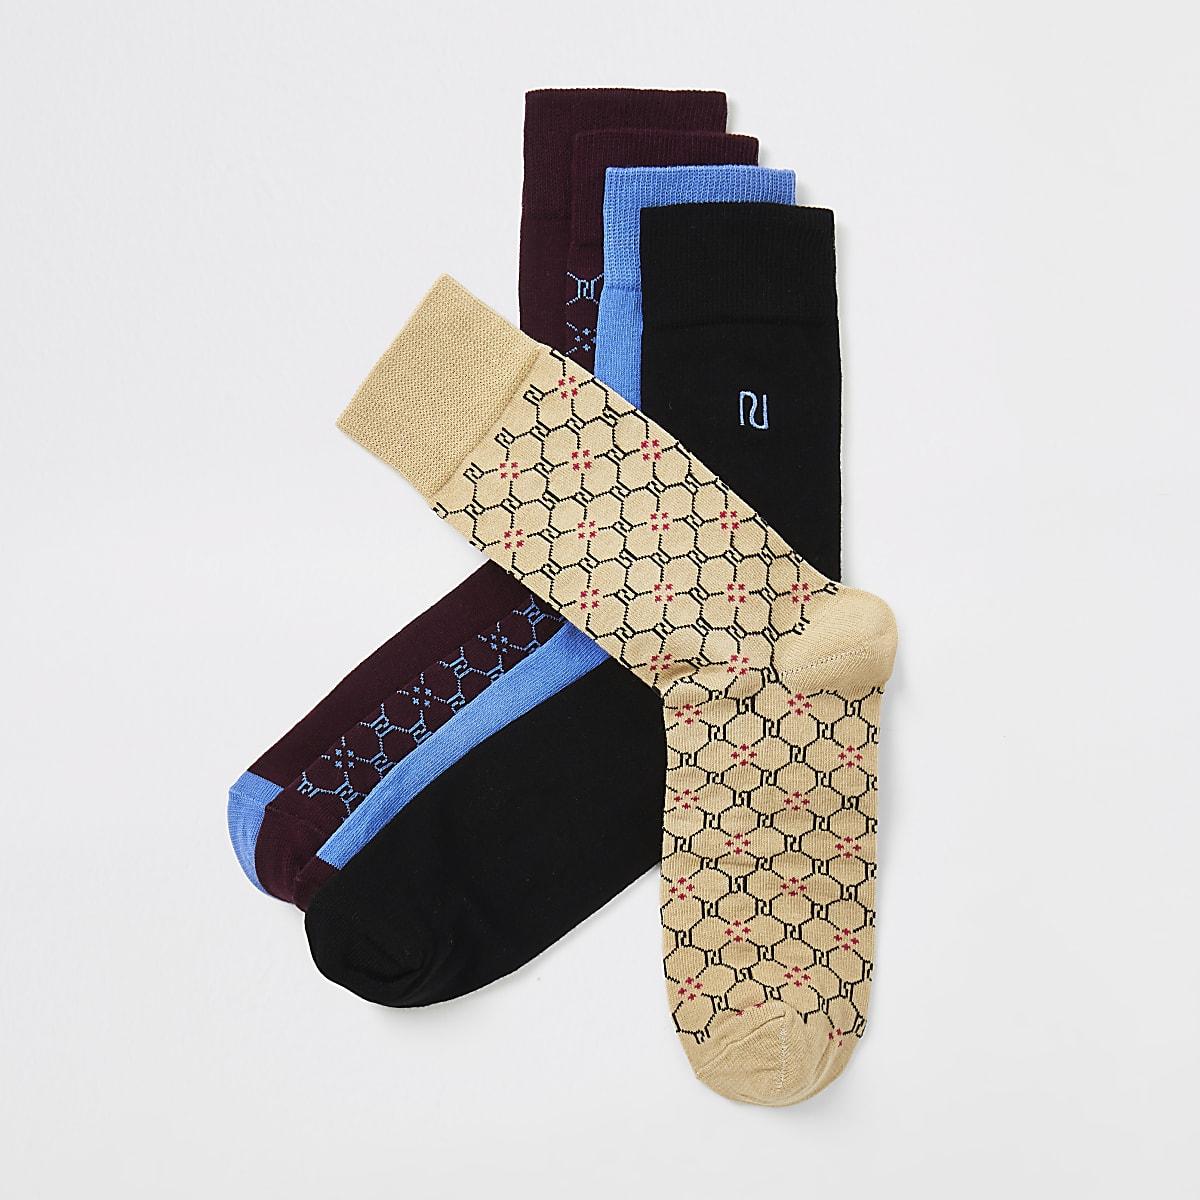 5 paar rode sokken met RI-monogram